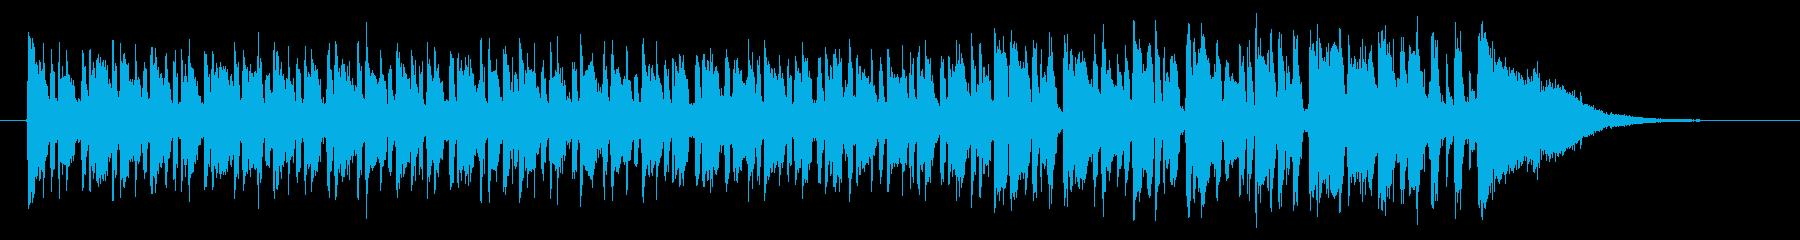 軽やかで緩やかなシンセポップジングルの再生済みの波形